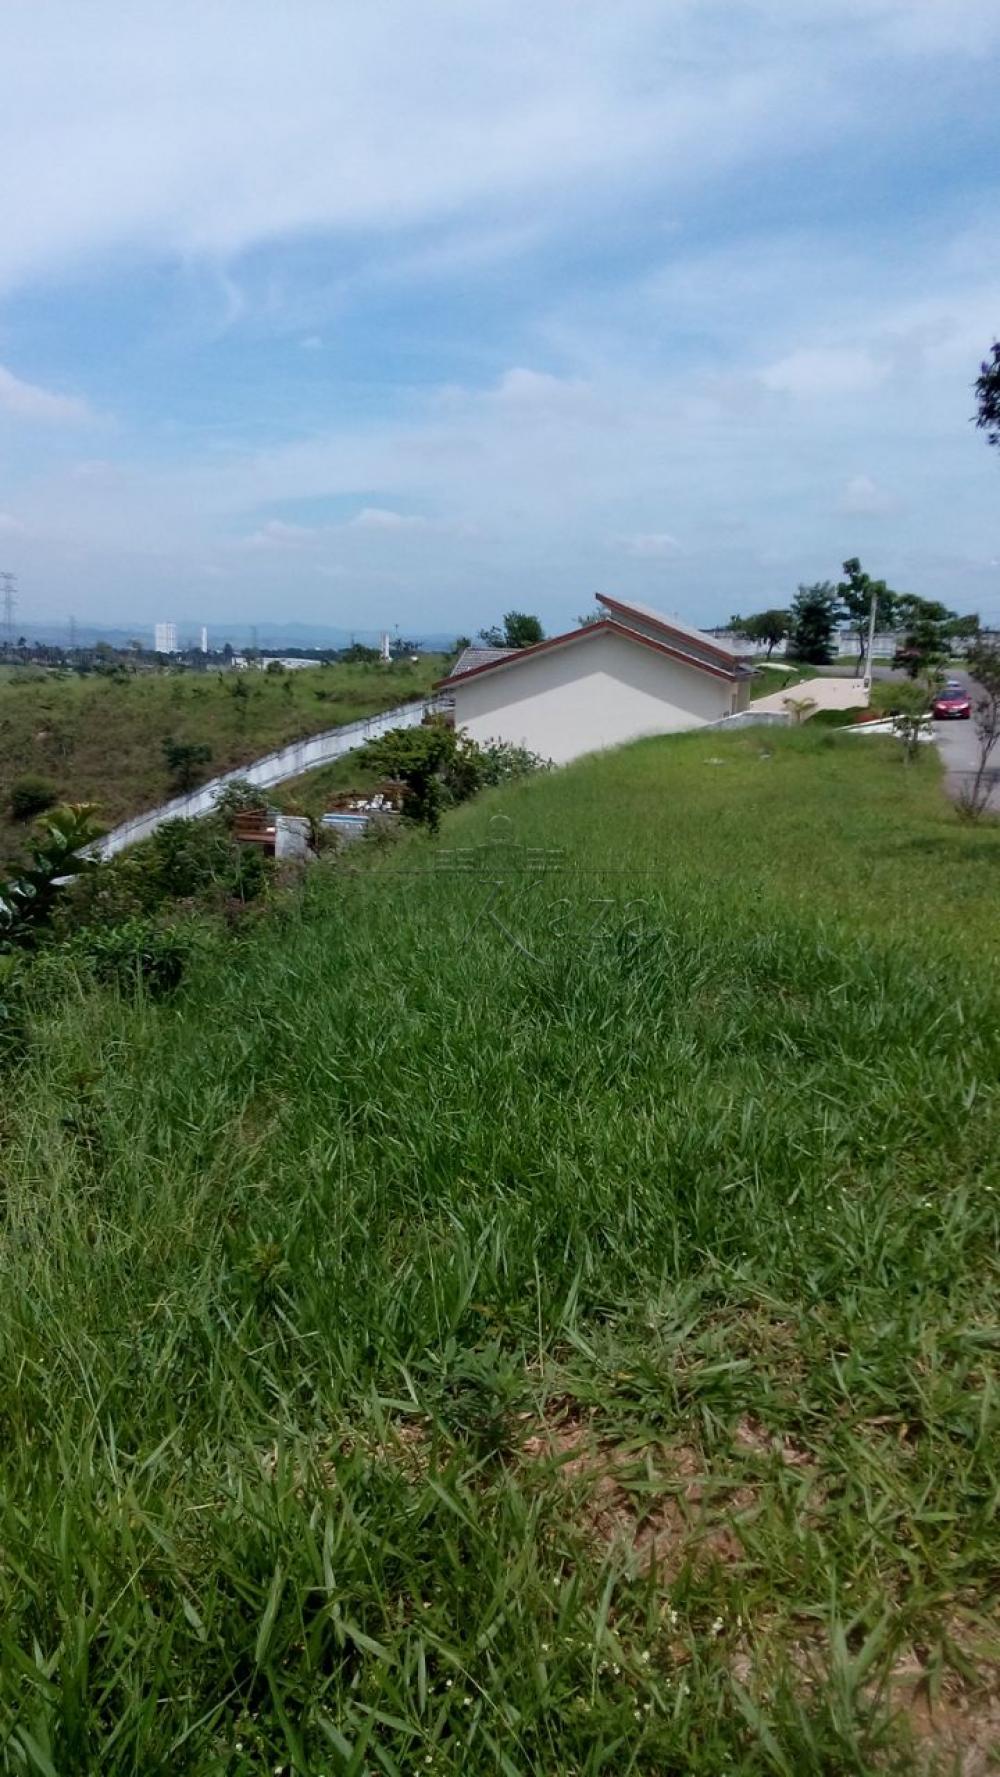 Comprar Terreno / Condomínio em Jacareí apenas R$ 212.000,00 - Foto 1